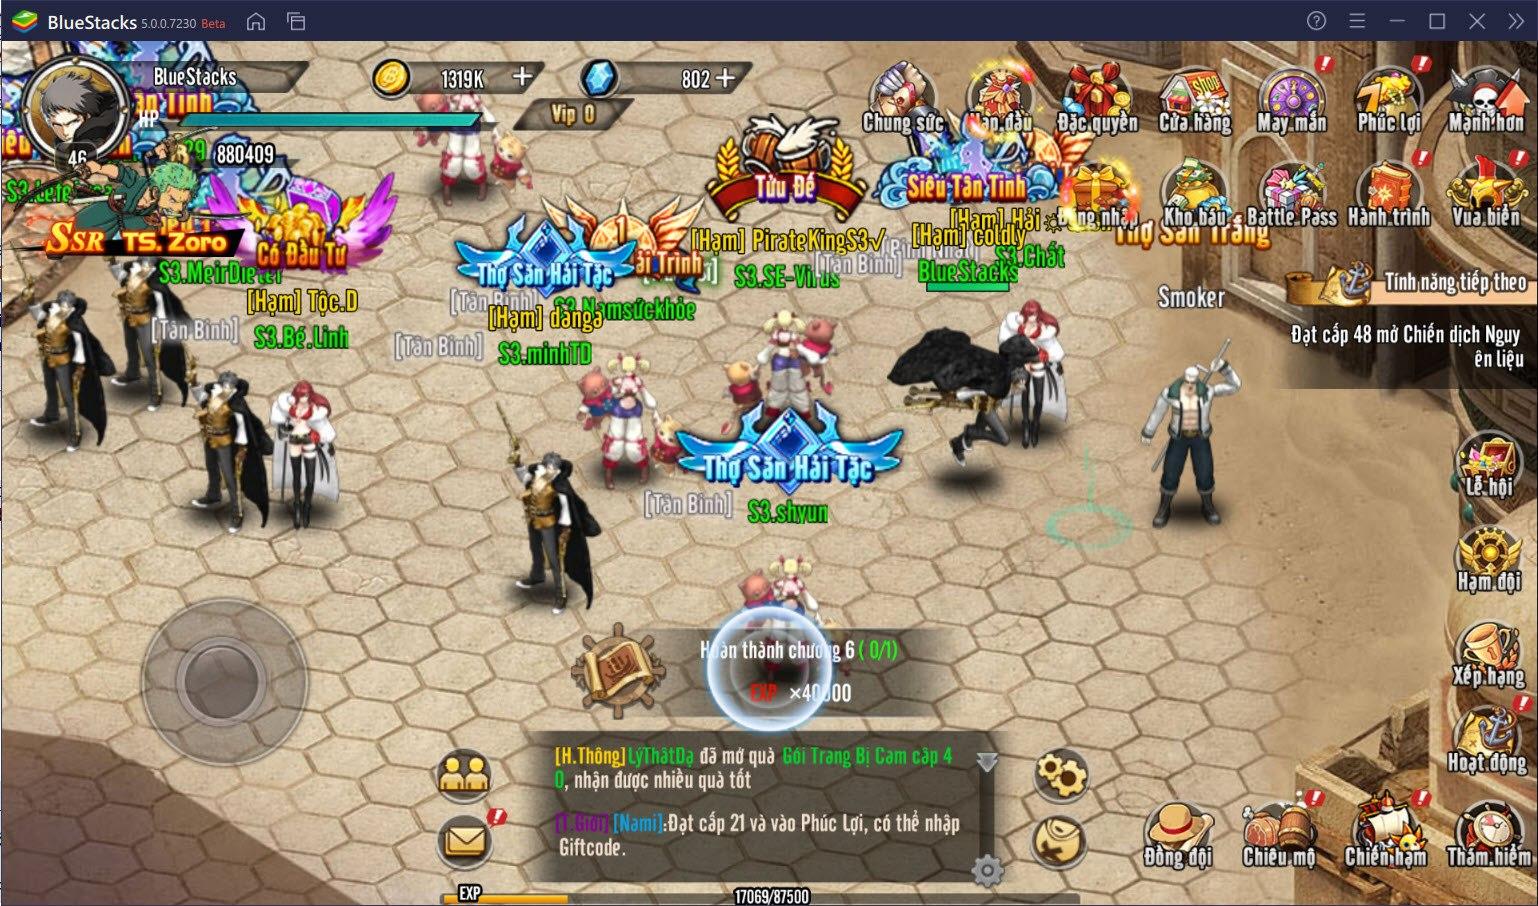 Top 7 game mobile đáng chơi ra mắt trong tháng 5 tại Việt Nam